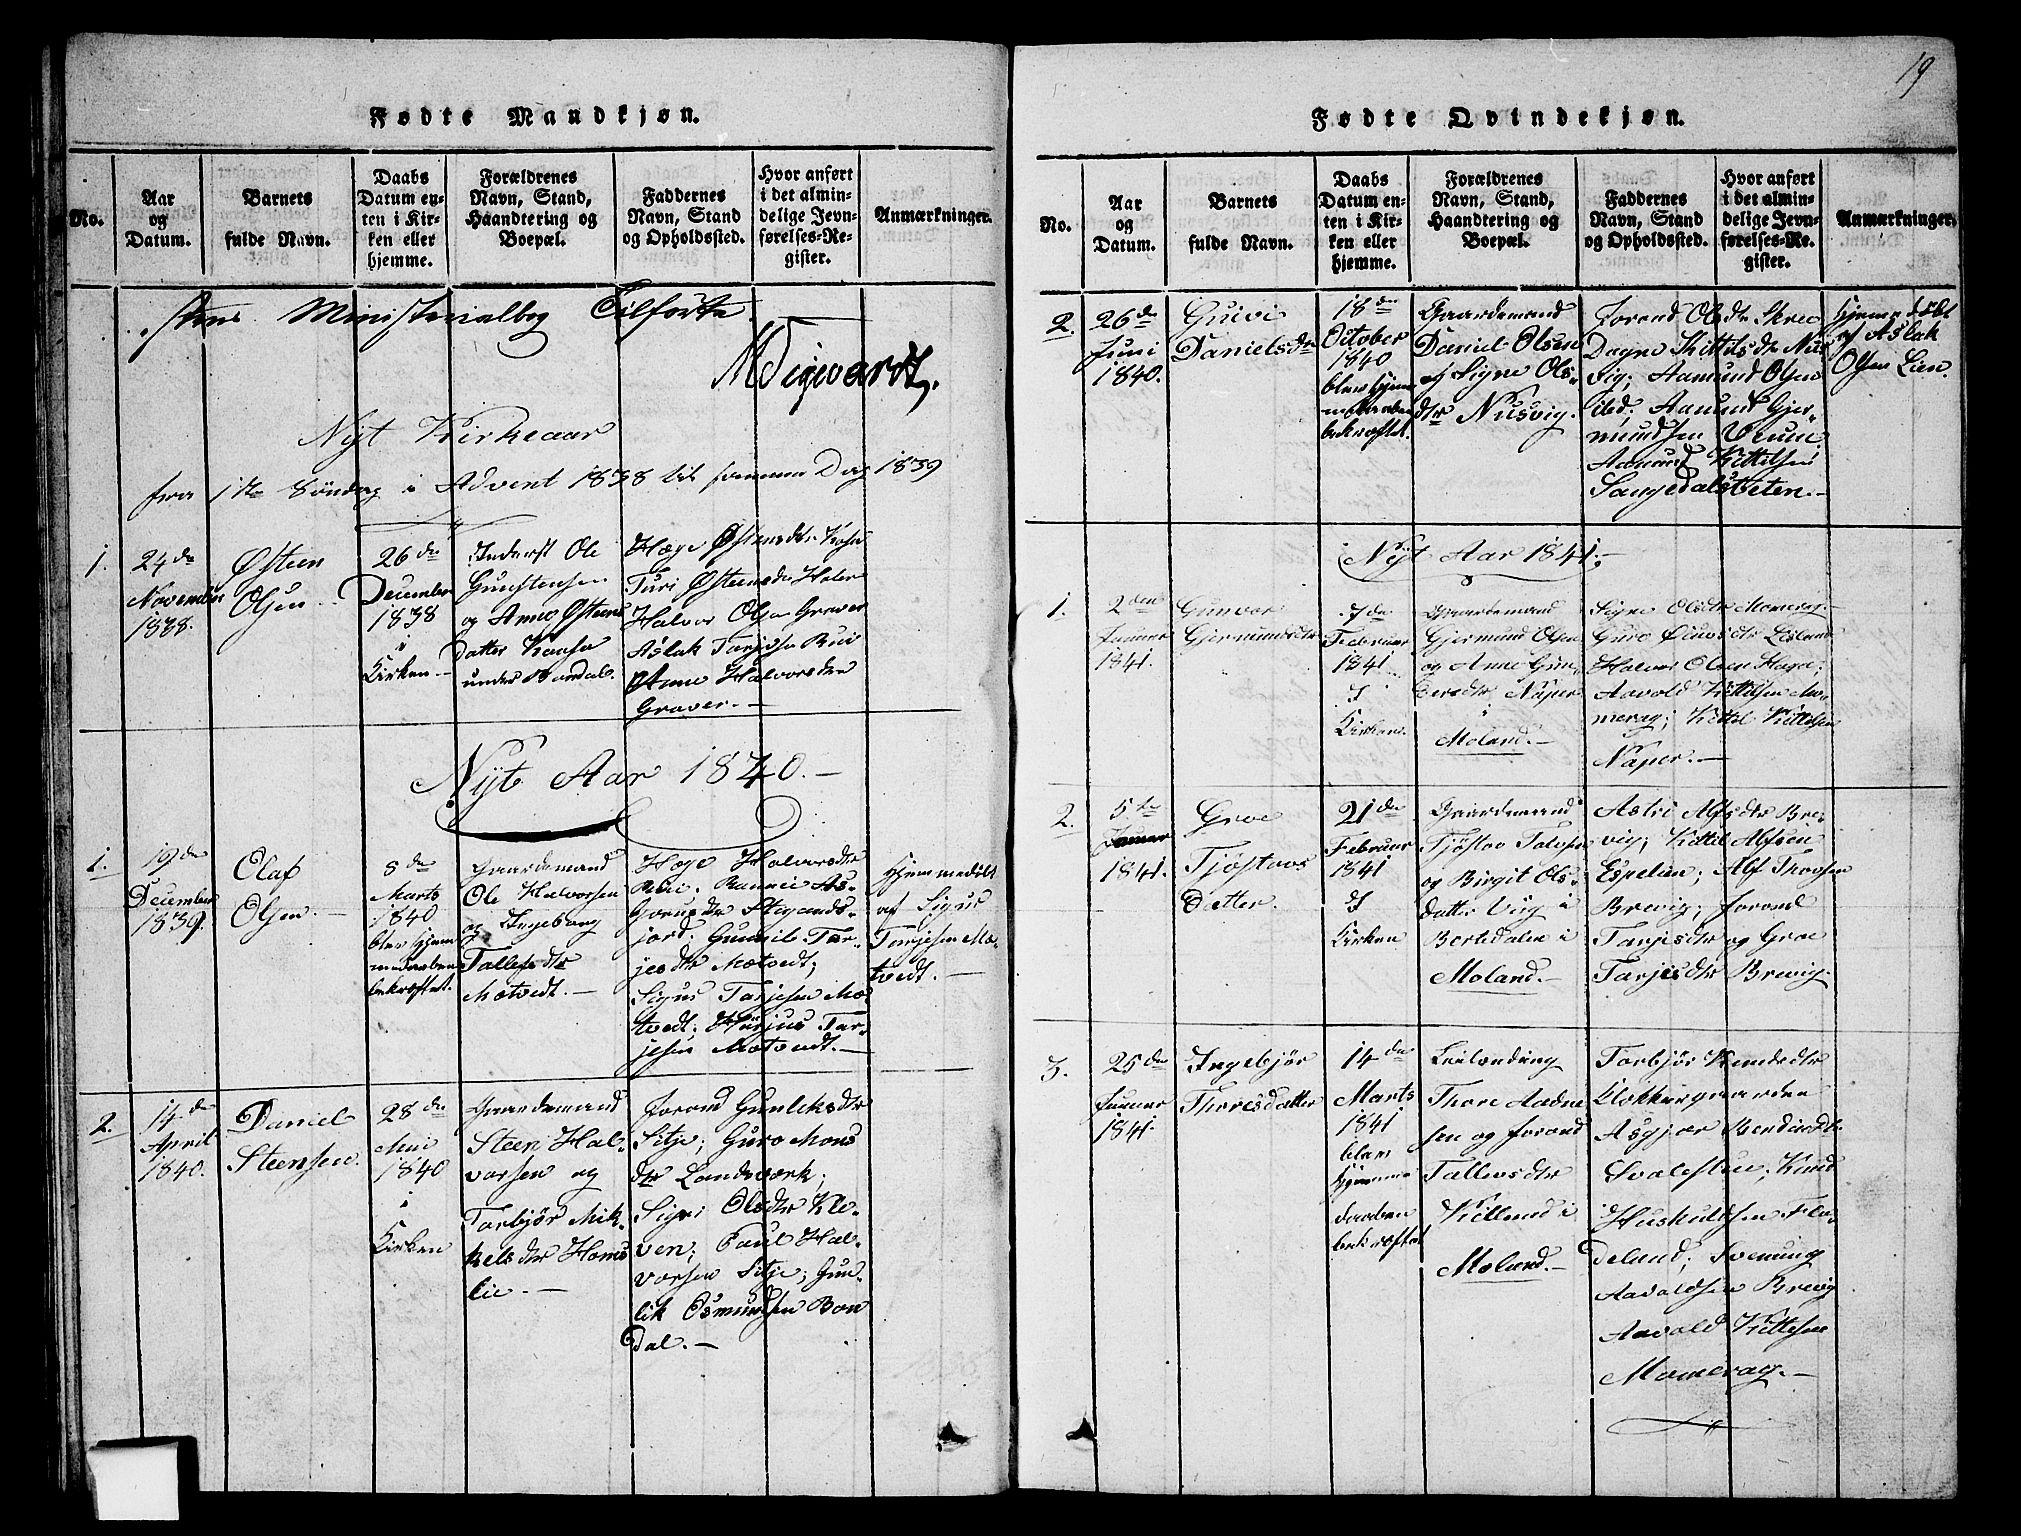 SAKO, Fyresdal kirkebøker, G/Ga/L0002: Klokkerbok nr. I 2, 1815-1857, s. 19